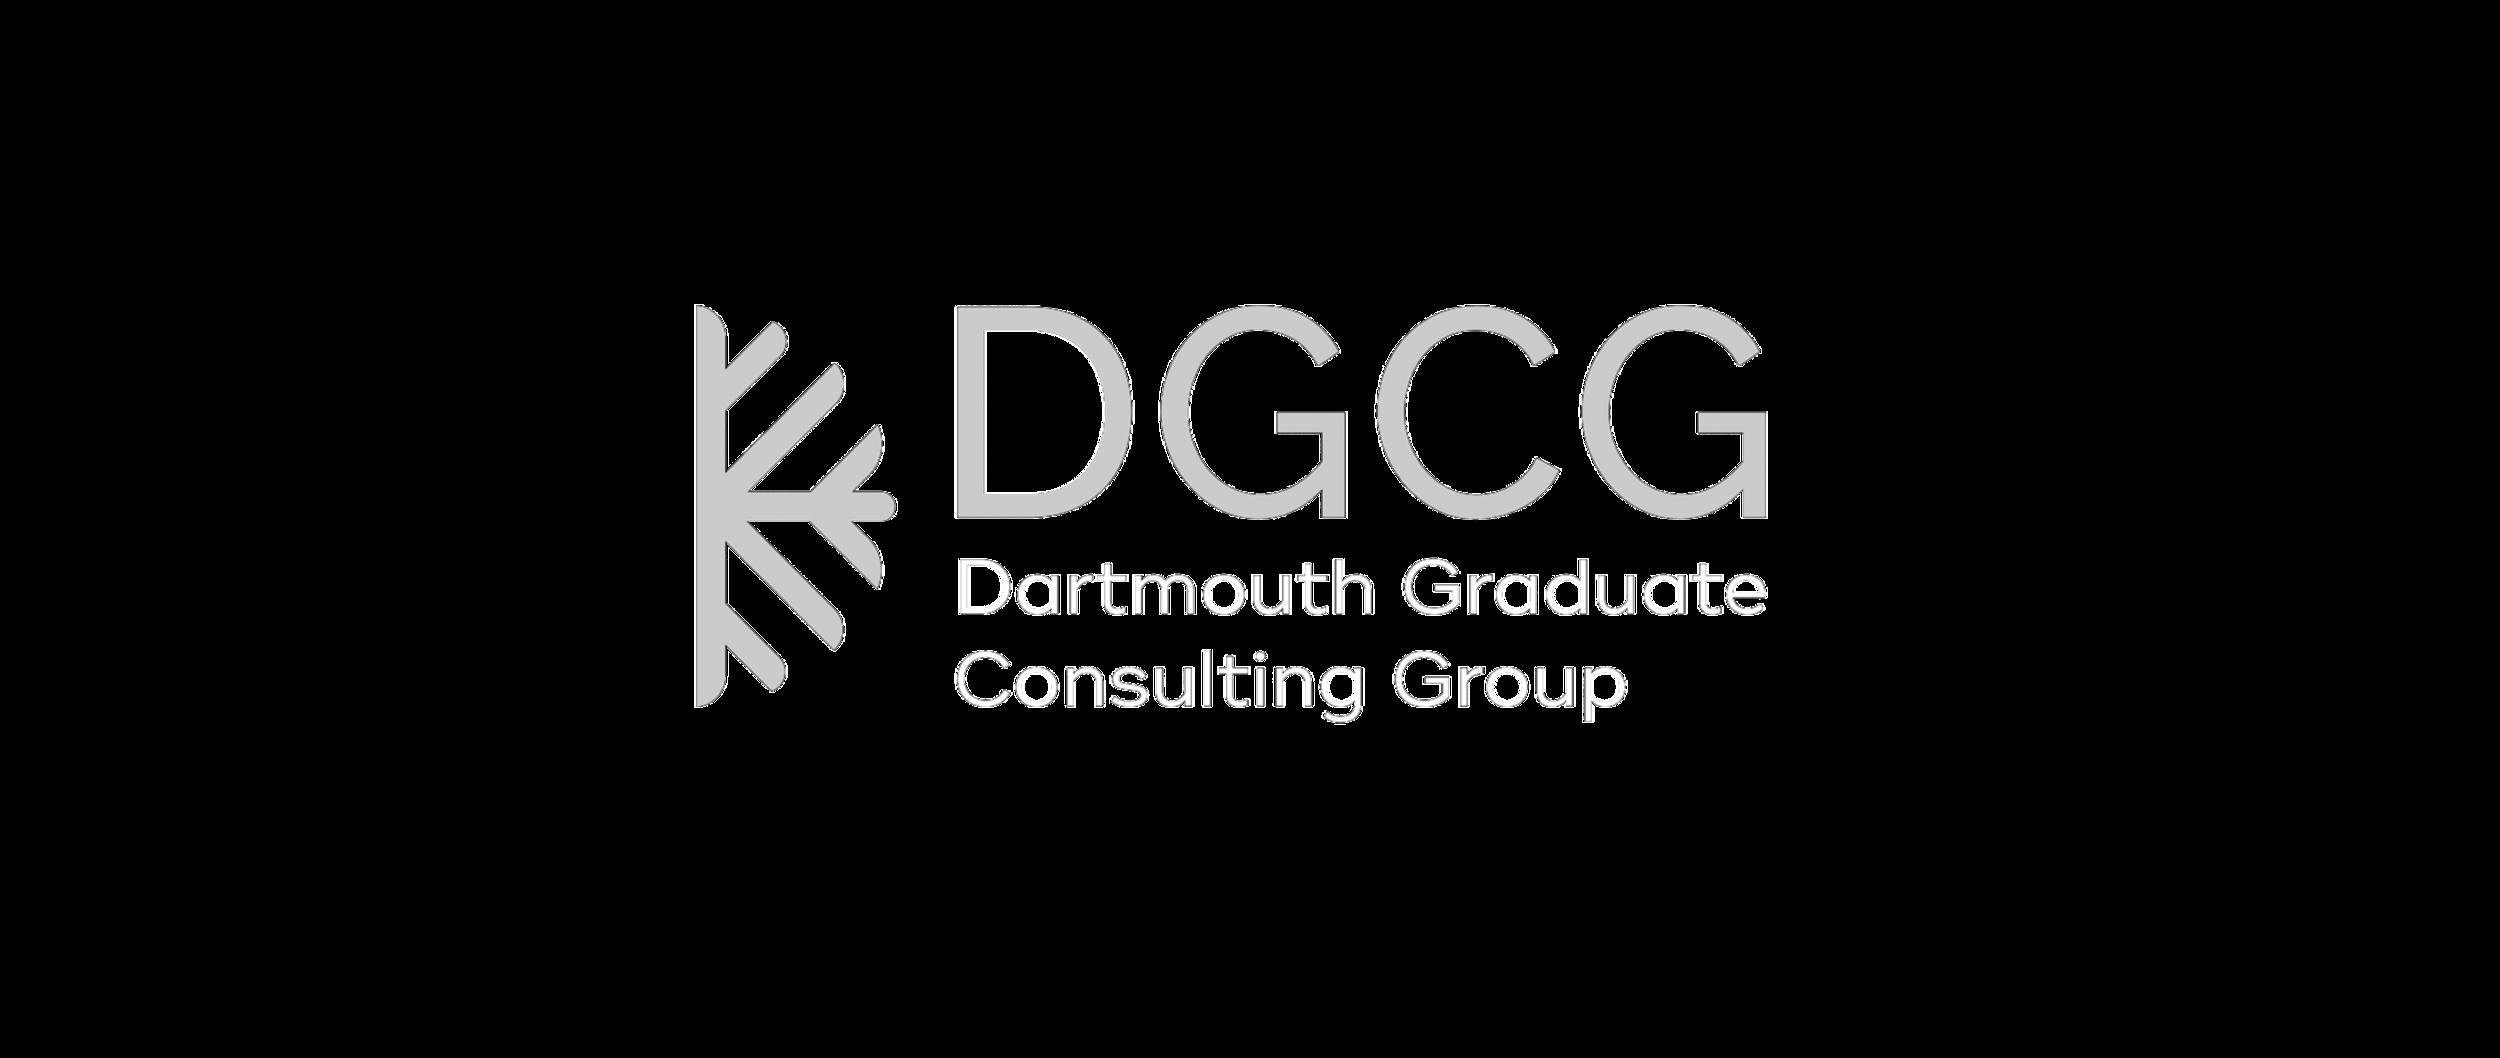 DGCGlogo.png